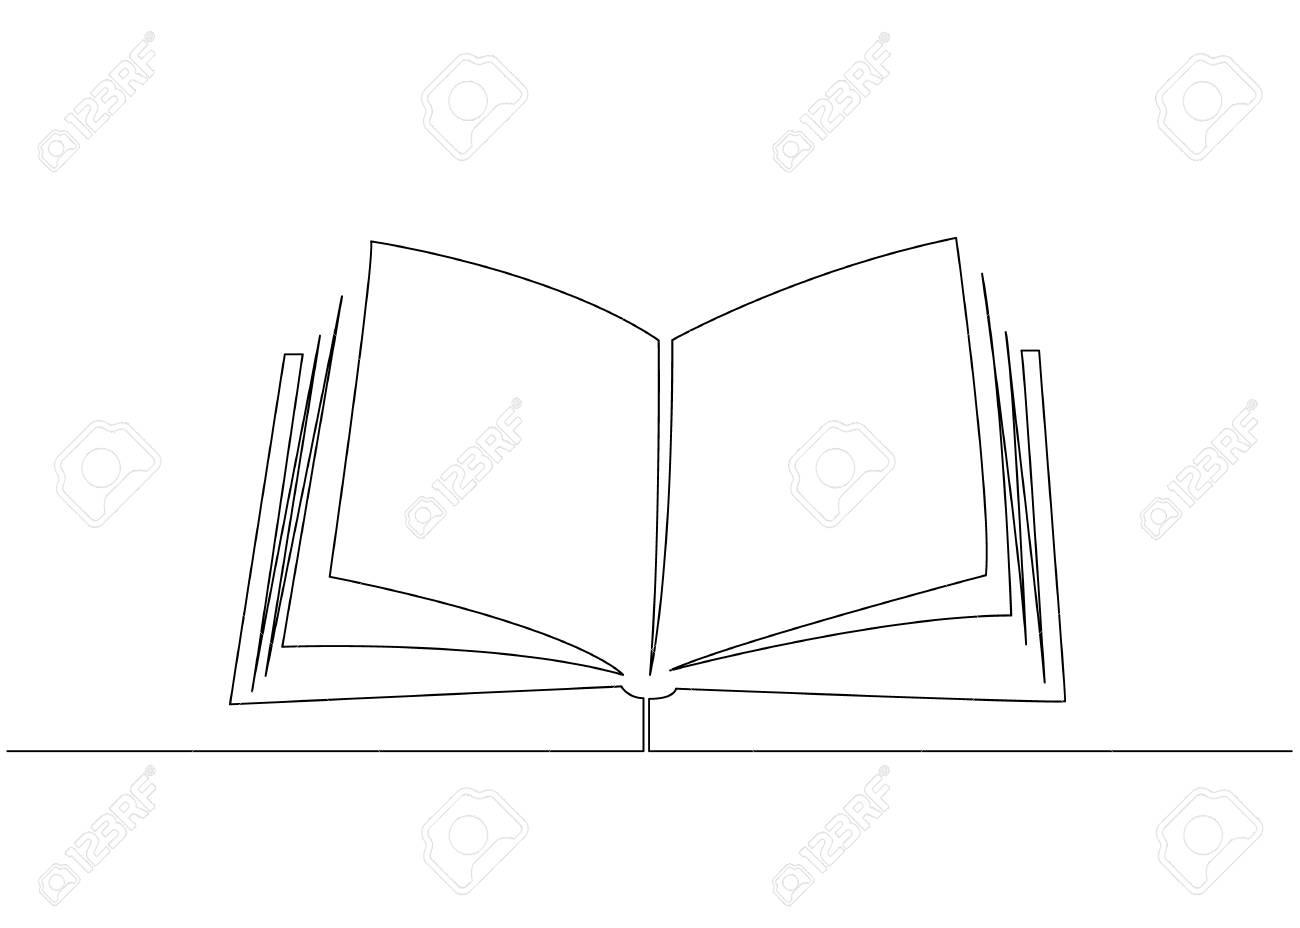 Livre Ouvert Avec Des Pages Isole Sur Blanc Dessin Anime Ligne Vecteur Illustration